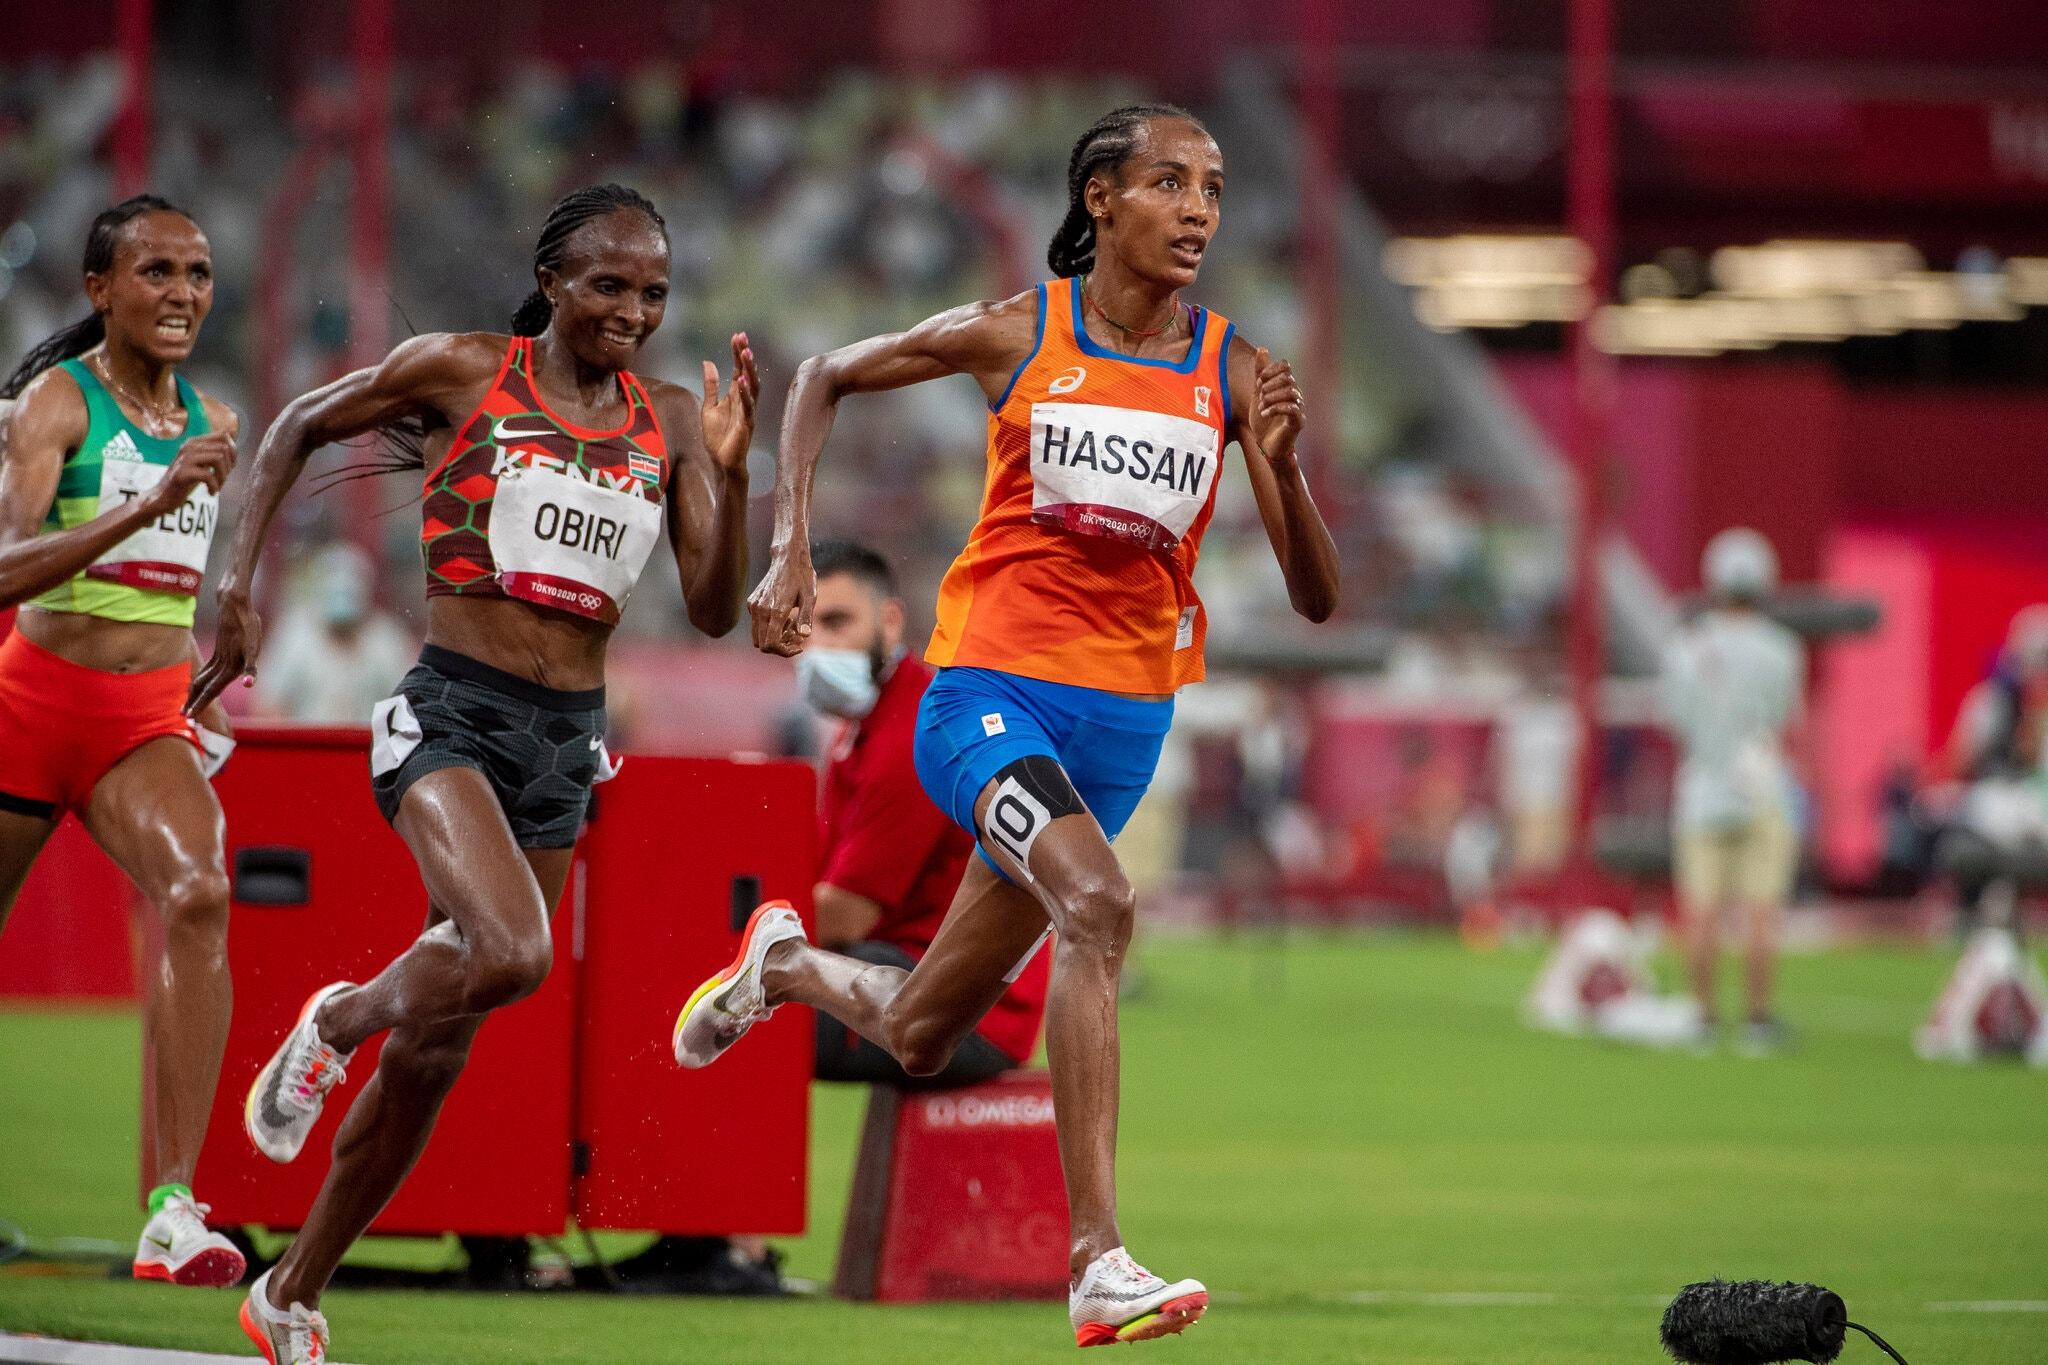 Hassan mengalahkan Oribi untuk finis pertama pada lari 5000m putri pada 2 Agustus.  Foto: New York Times